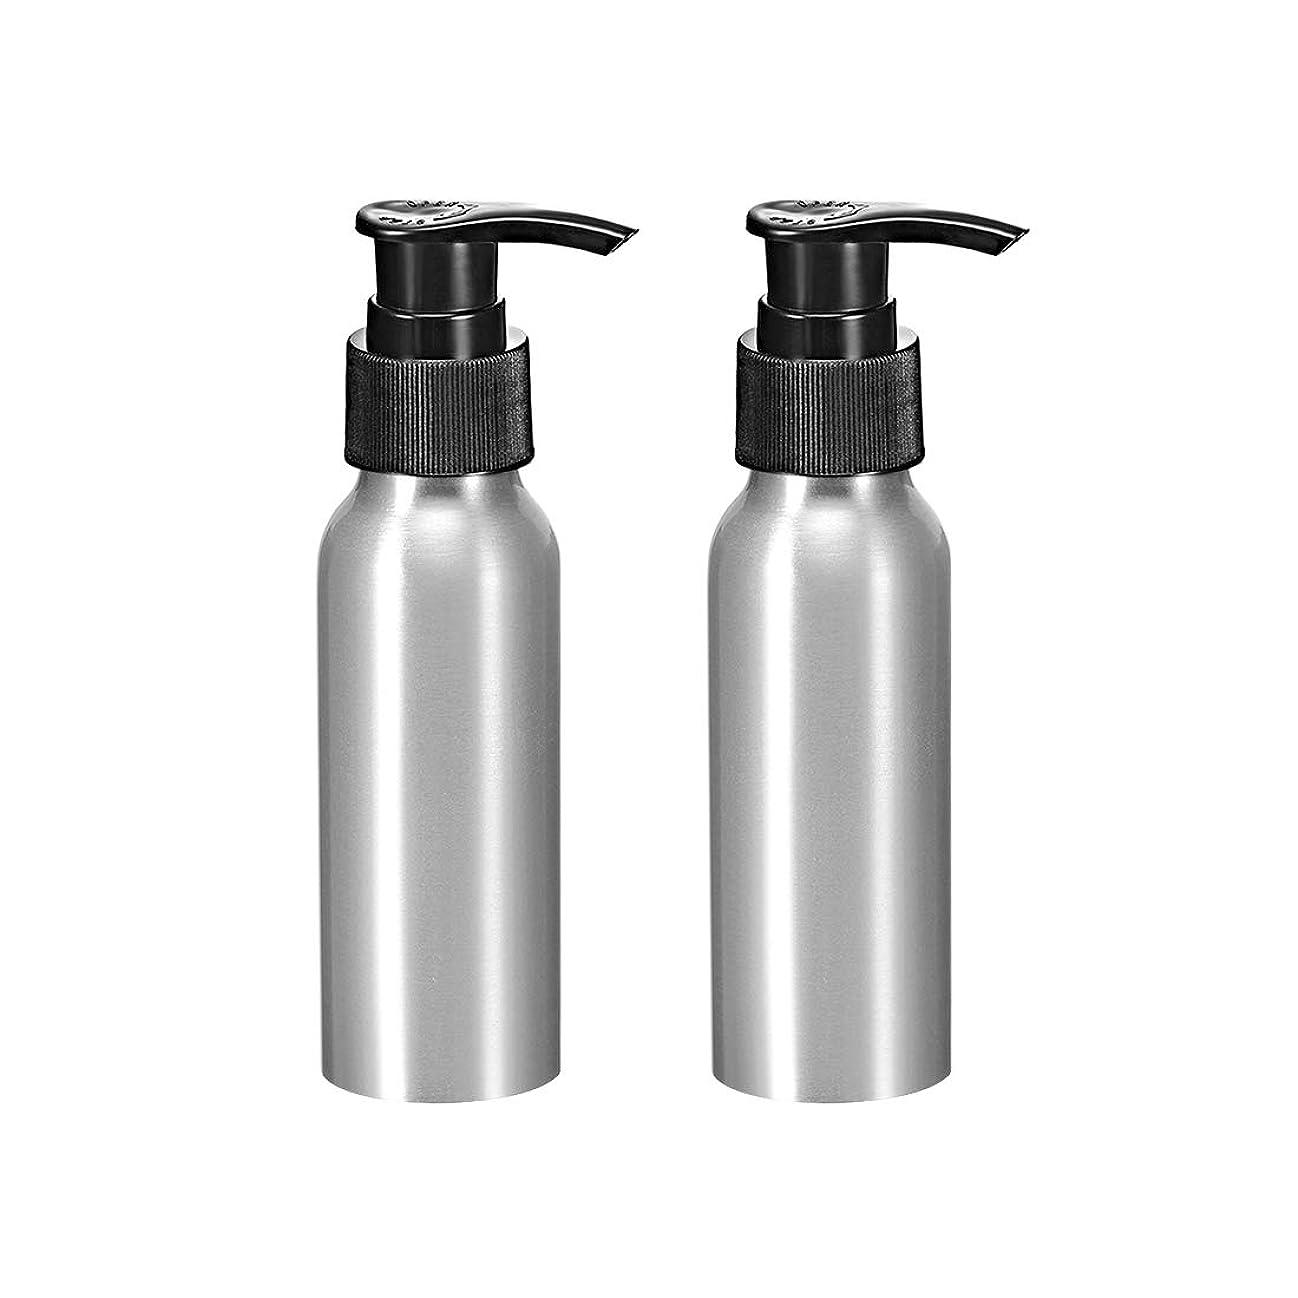 uxcell uxcell アルミスプレーボトル ブラックファインミストスプレー付き 空の詰め替え式コンテナ トラベルボトル 2.7oz/80ml 2個入り